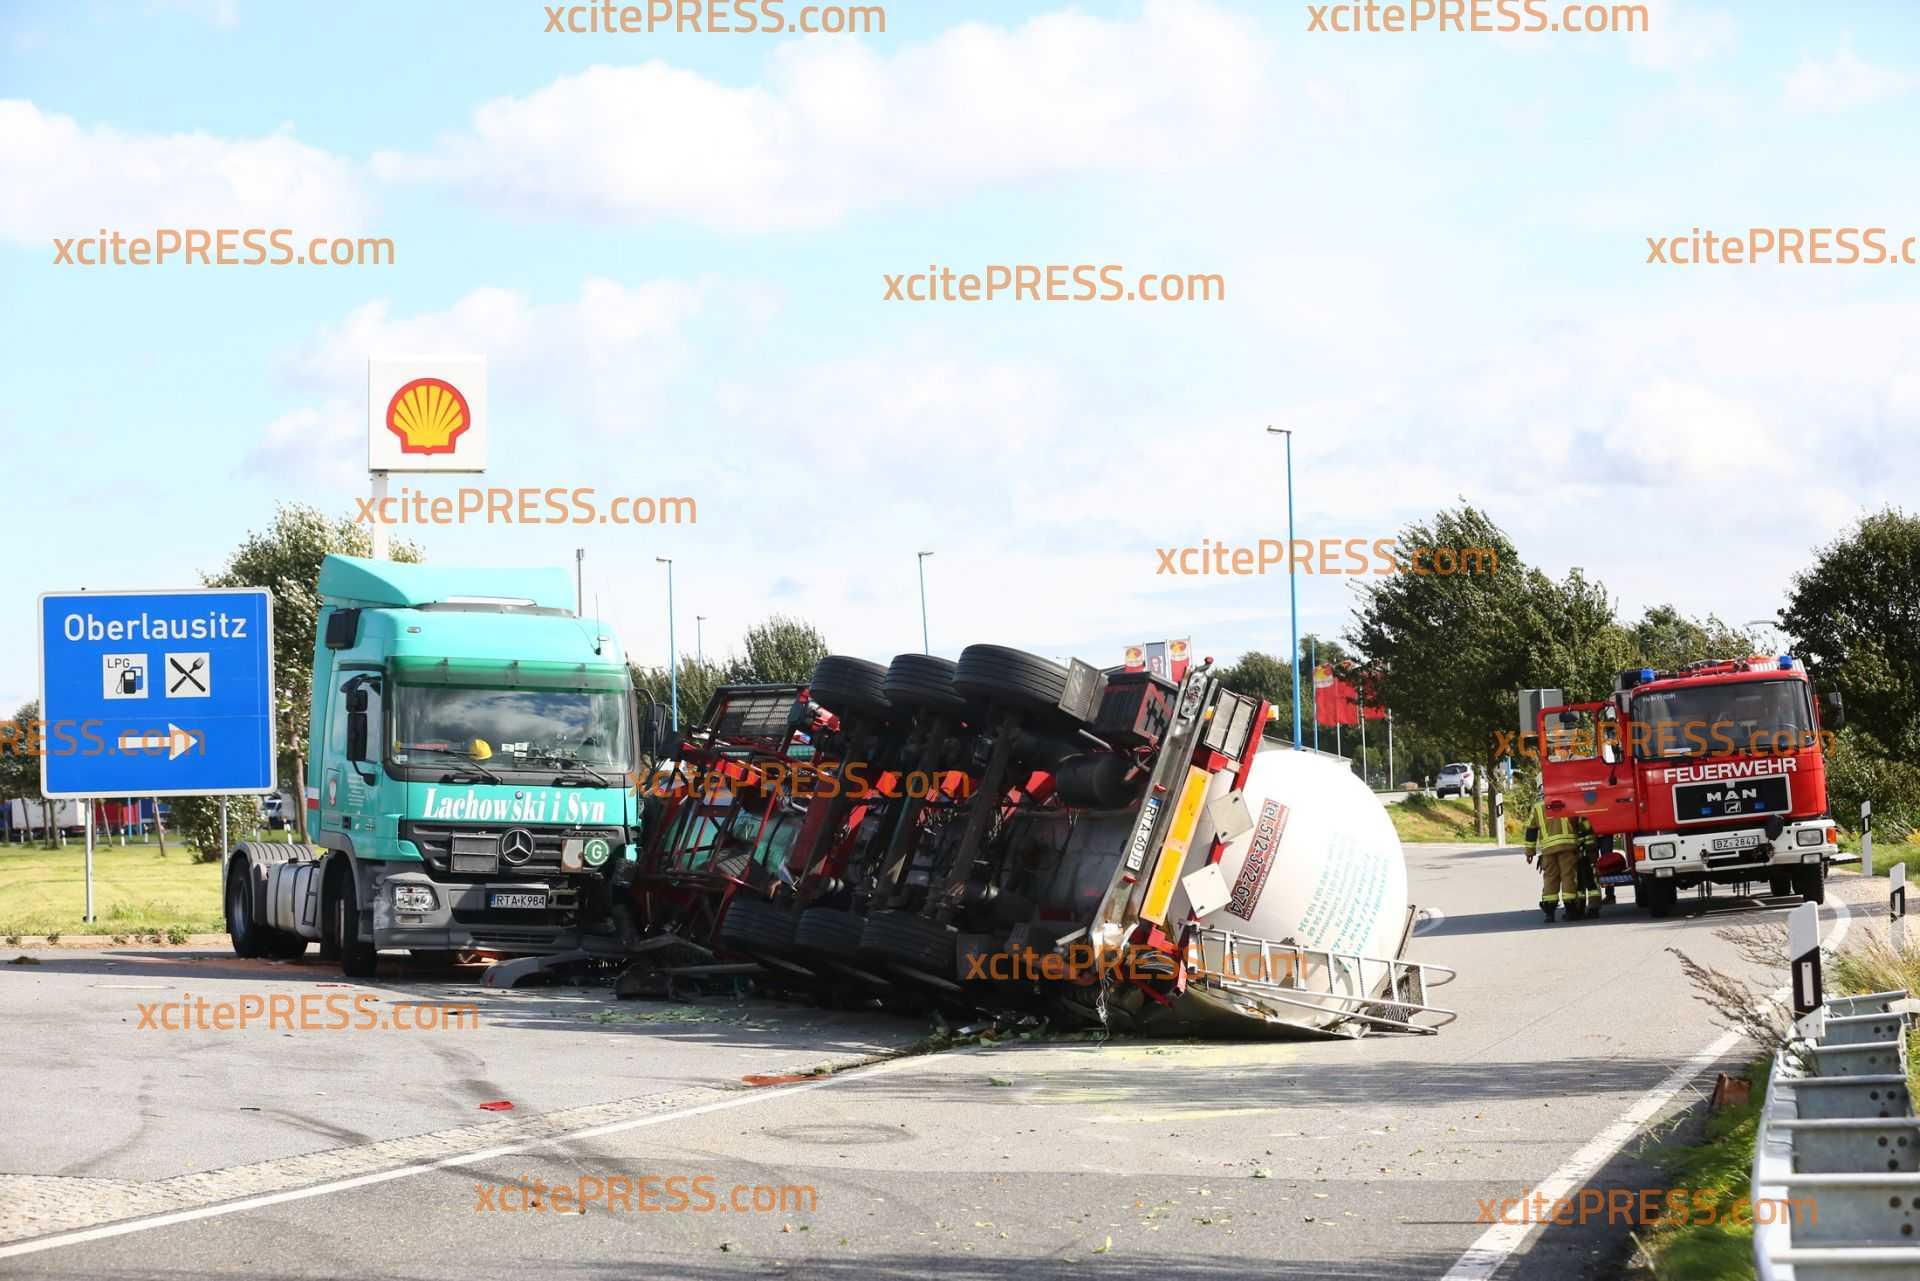 Durch Sturmböe?! LKW wird in Rasthof-Einfahrt umgeweht: LKW beladen - Fachberater hinzugezogen - Rasthof gesperrt